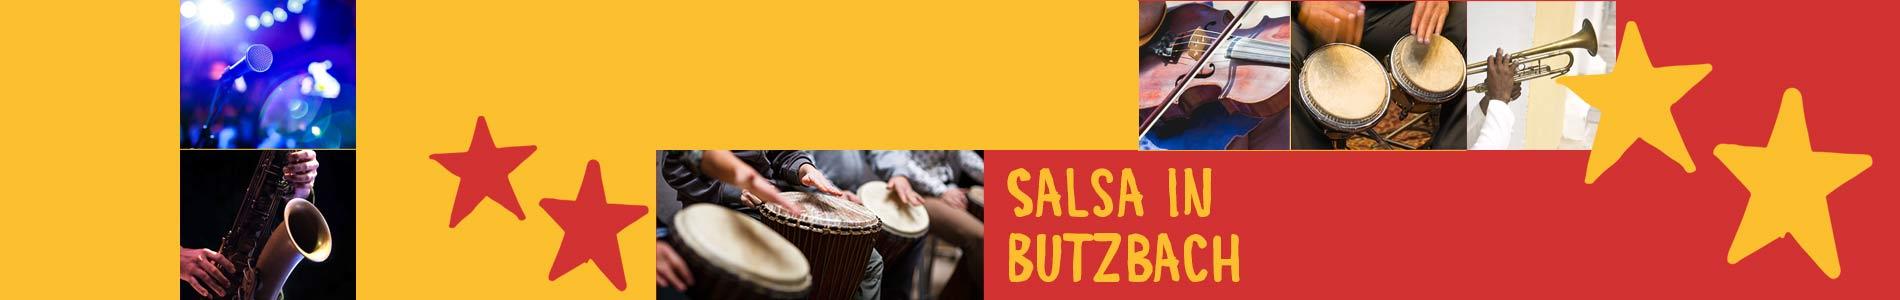 Salsa in Butzbach – Salsa lernen und tanzen, Tanzkurse, Partys, Veranstaltungen